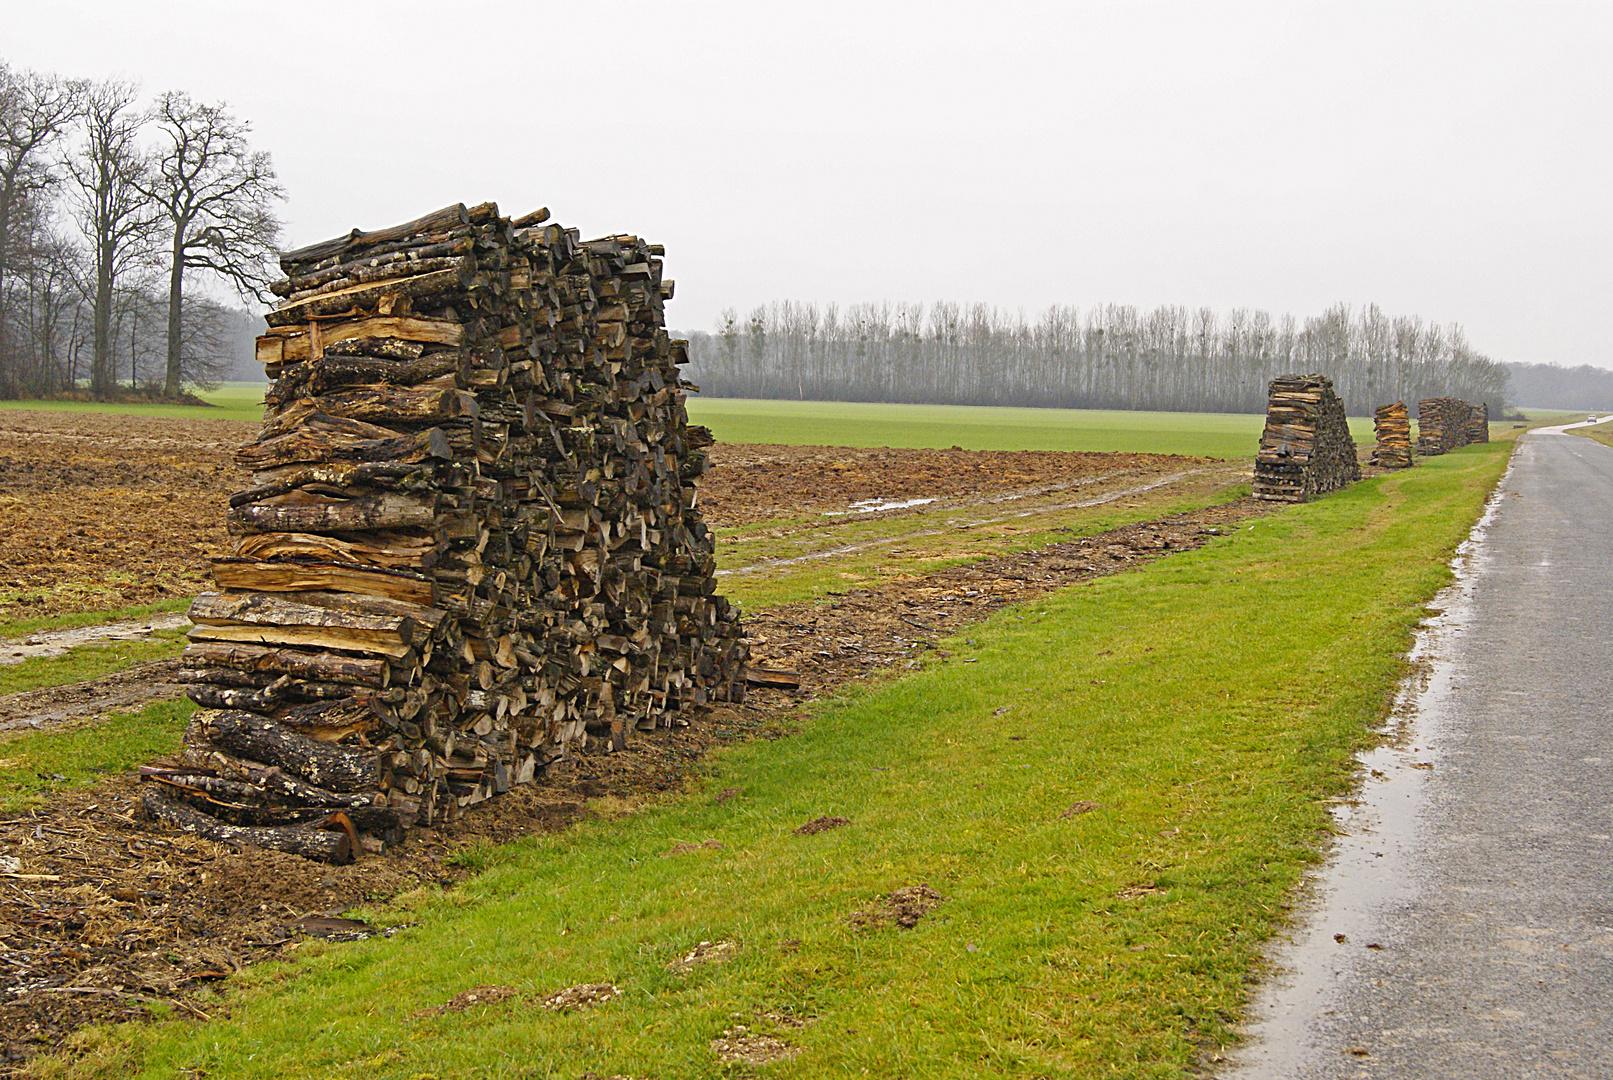 stères de bois, parc naturel de la forêt d'orient, Aube